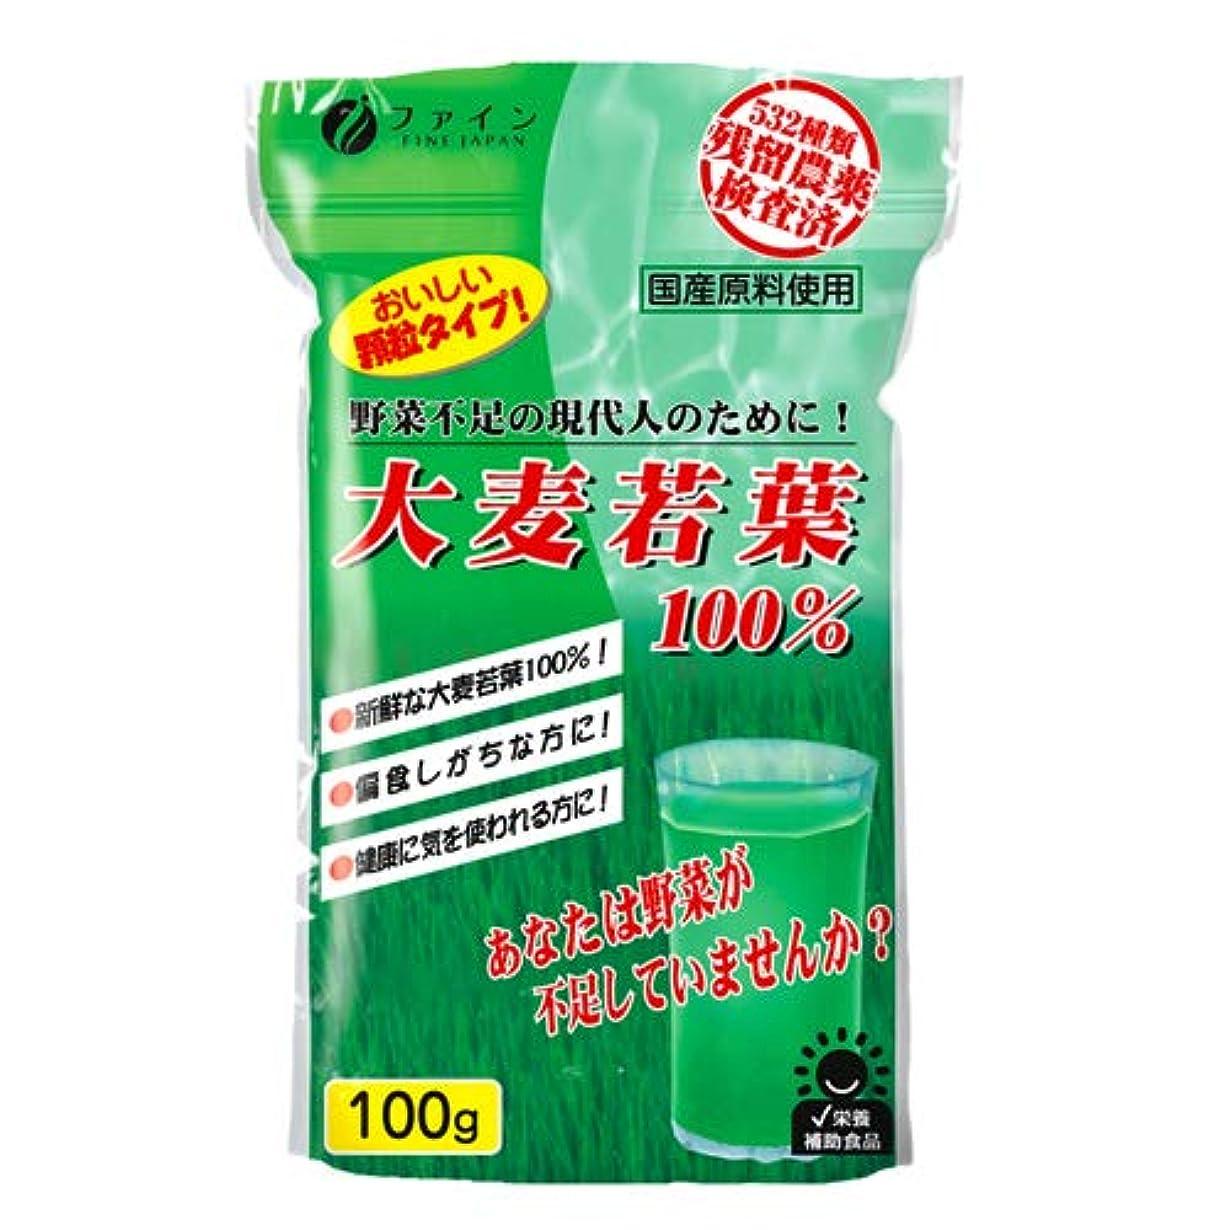 アンケート蓋口ファイン 大麦若葉100% 100g 【30袋組】